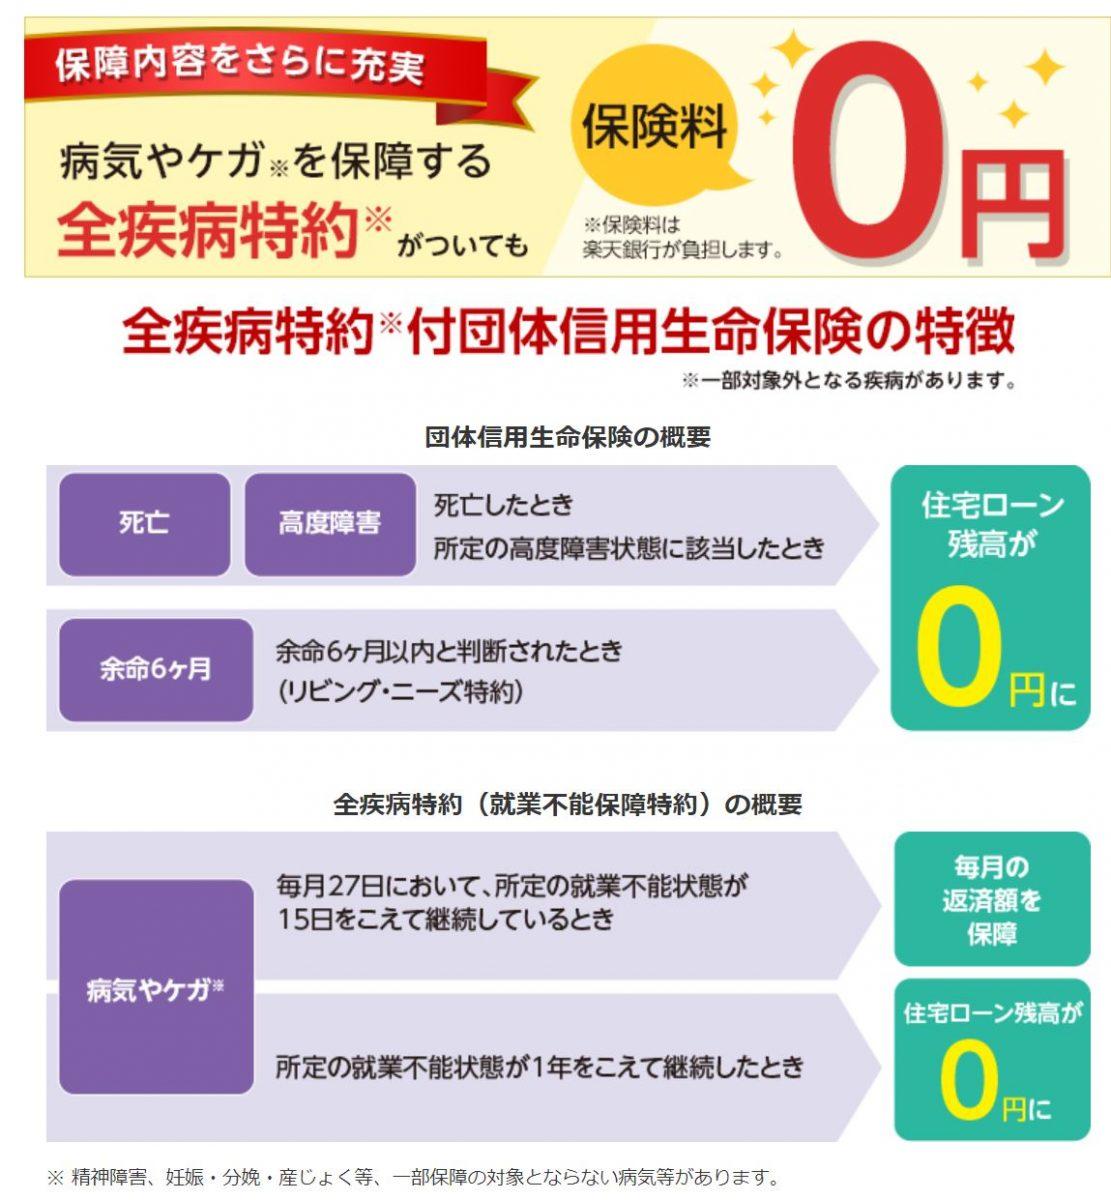 住宅ローン 団信おすすめ 楽天銀行